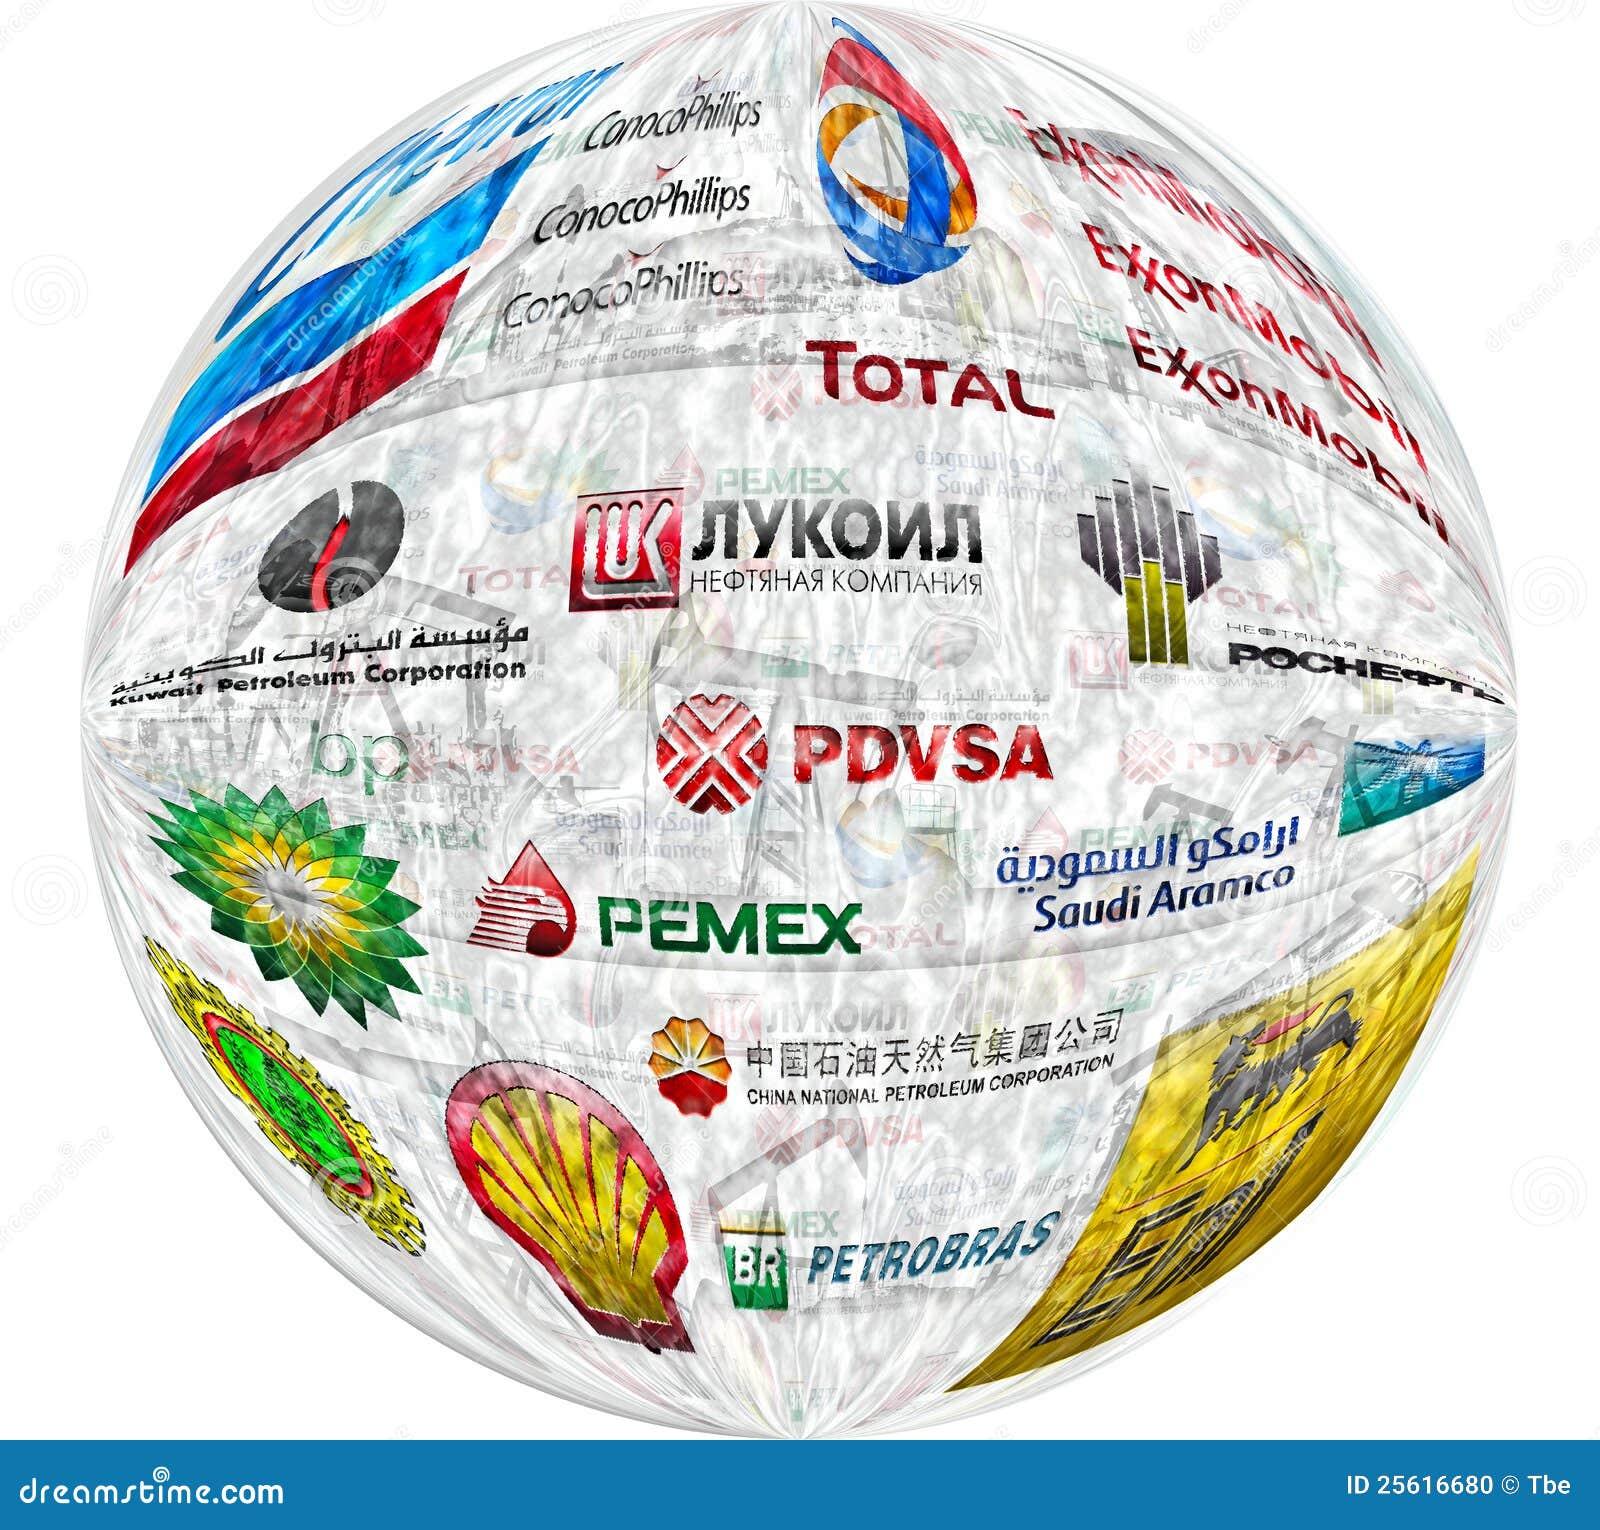 Grote Oliemaatschappijen